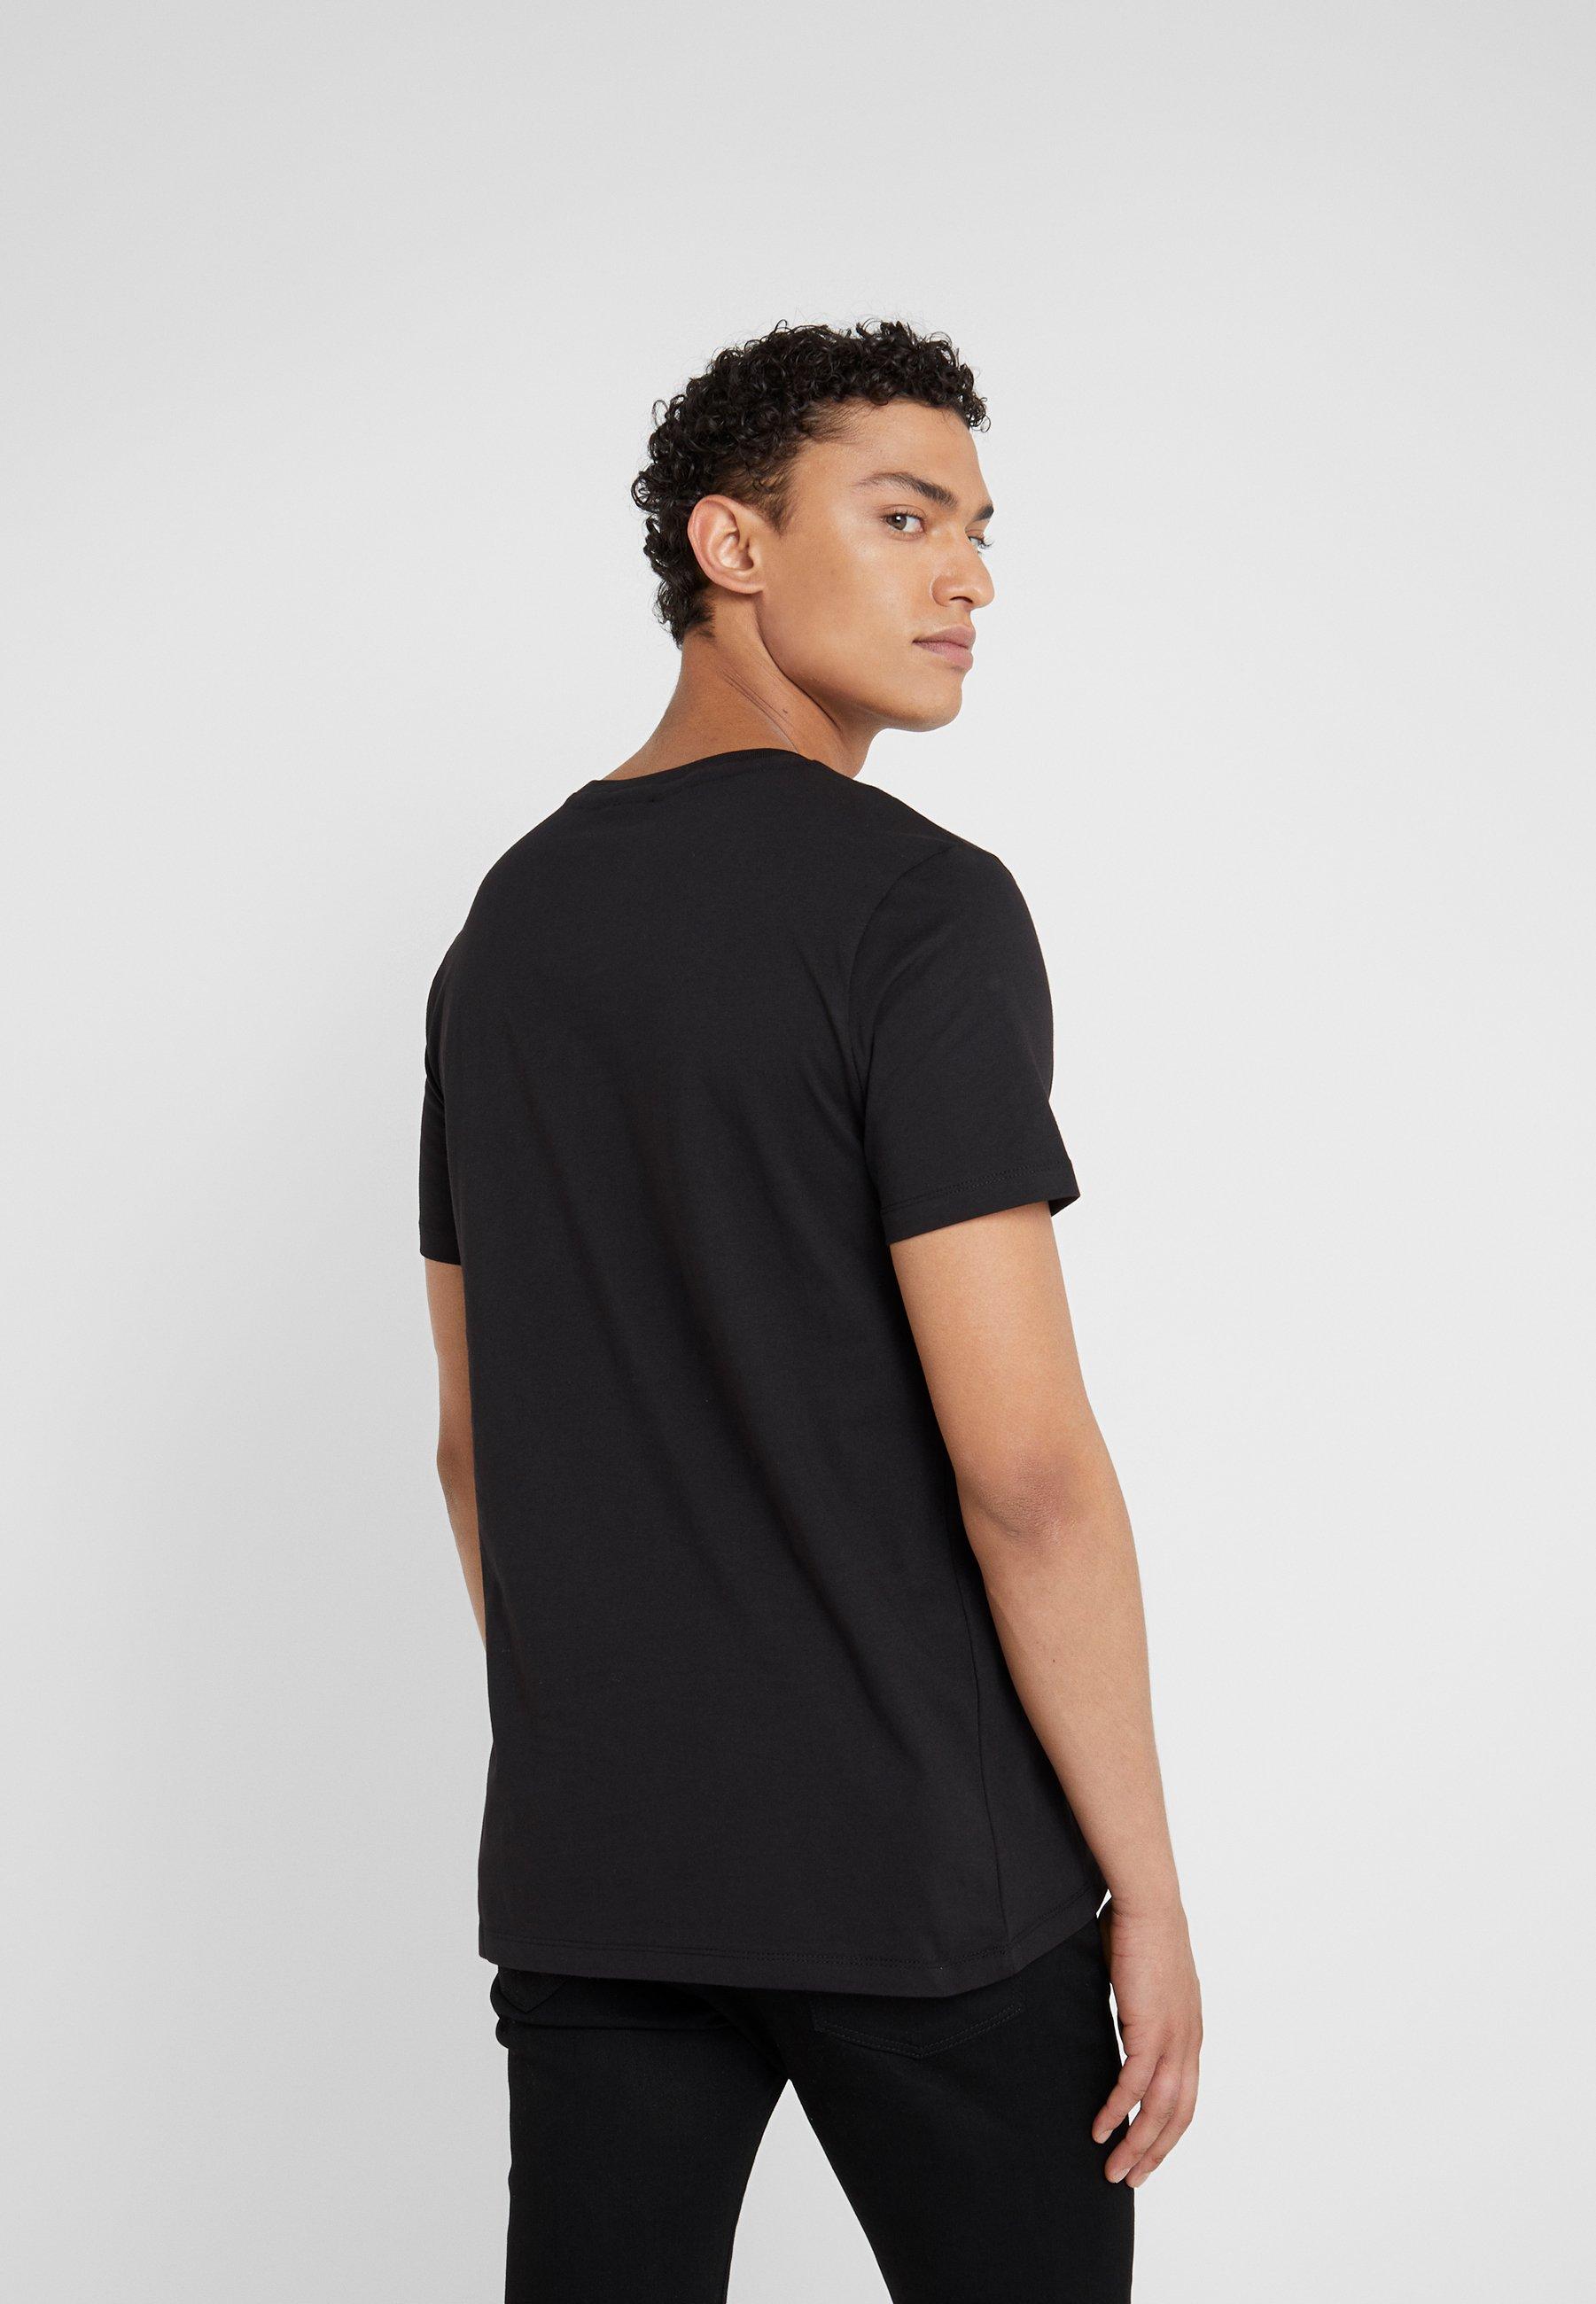 Lamborghini print black Lamborghini T black T T Shirt Shirt print Lamborghini Shirt N8n0wm